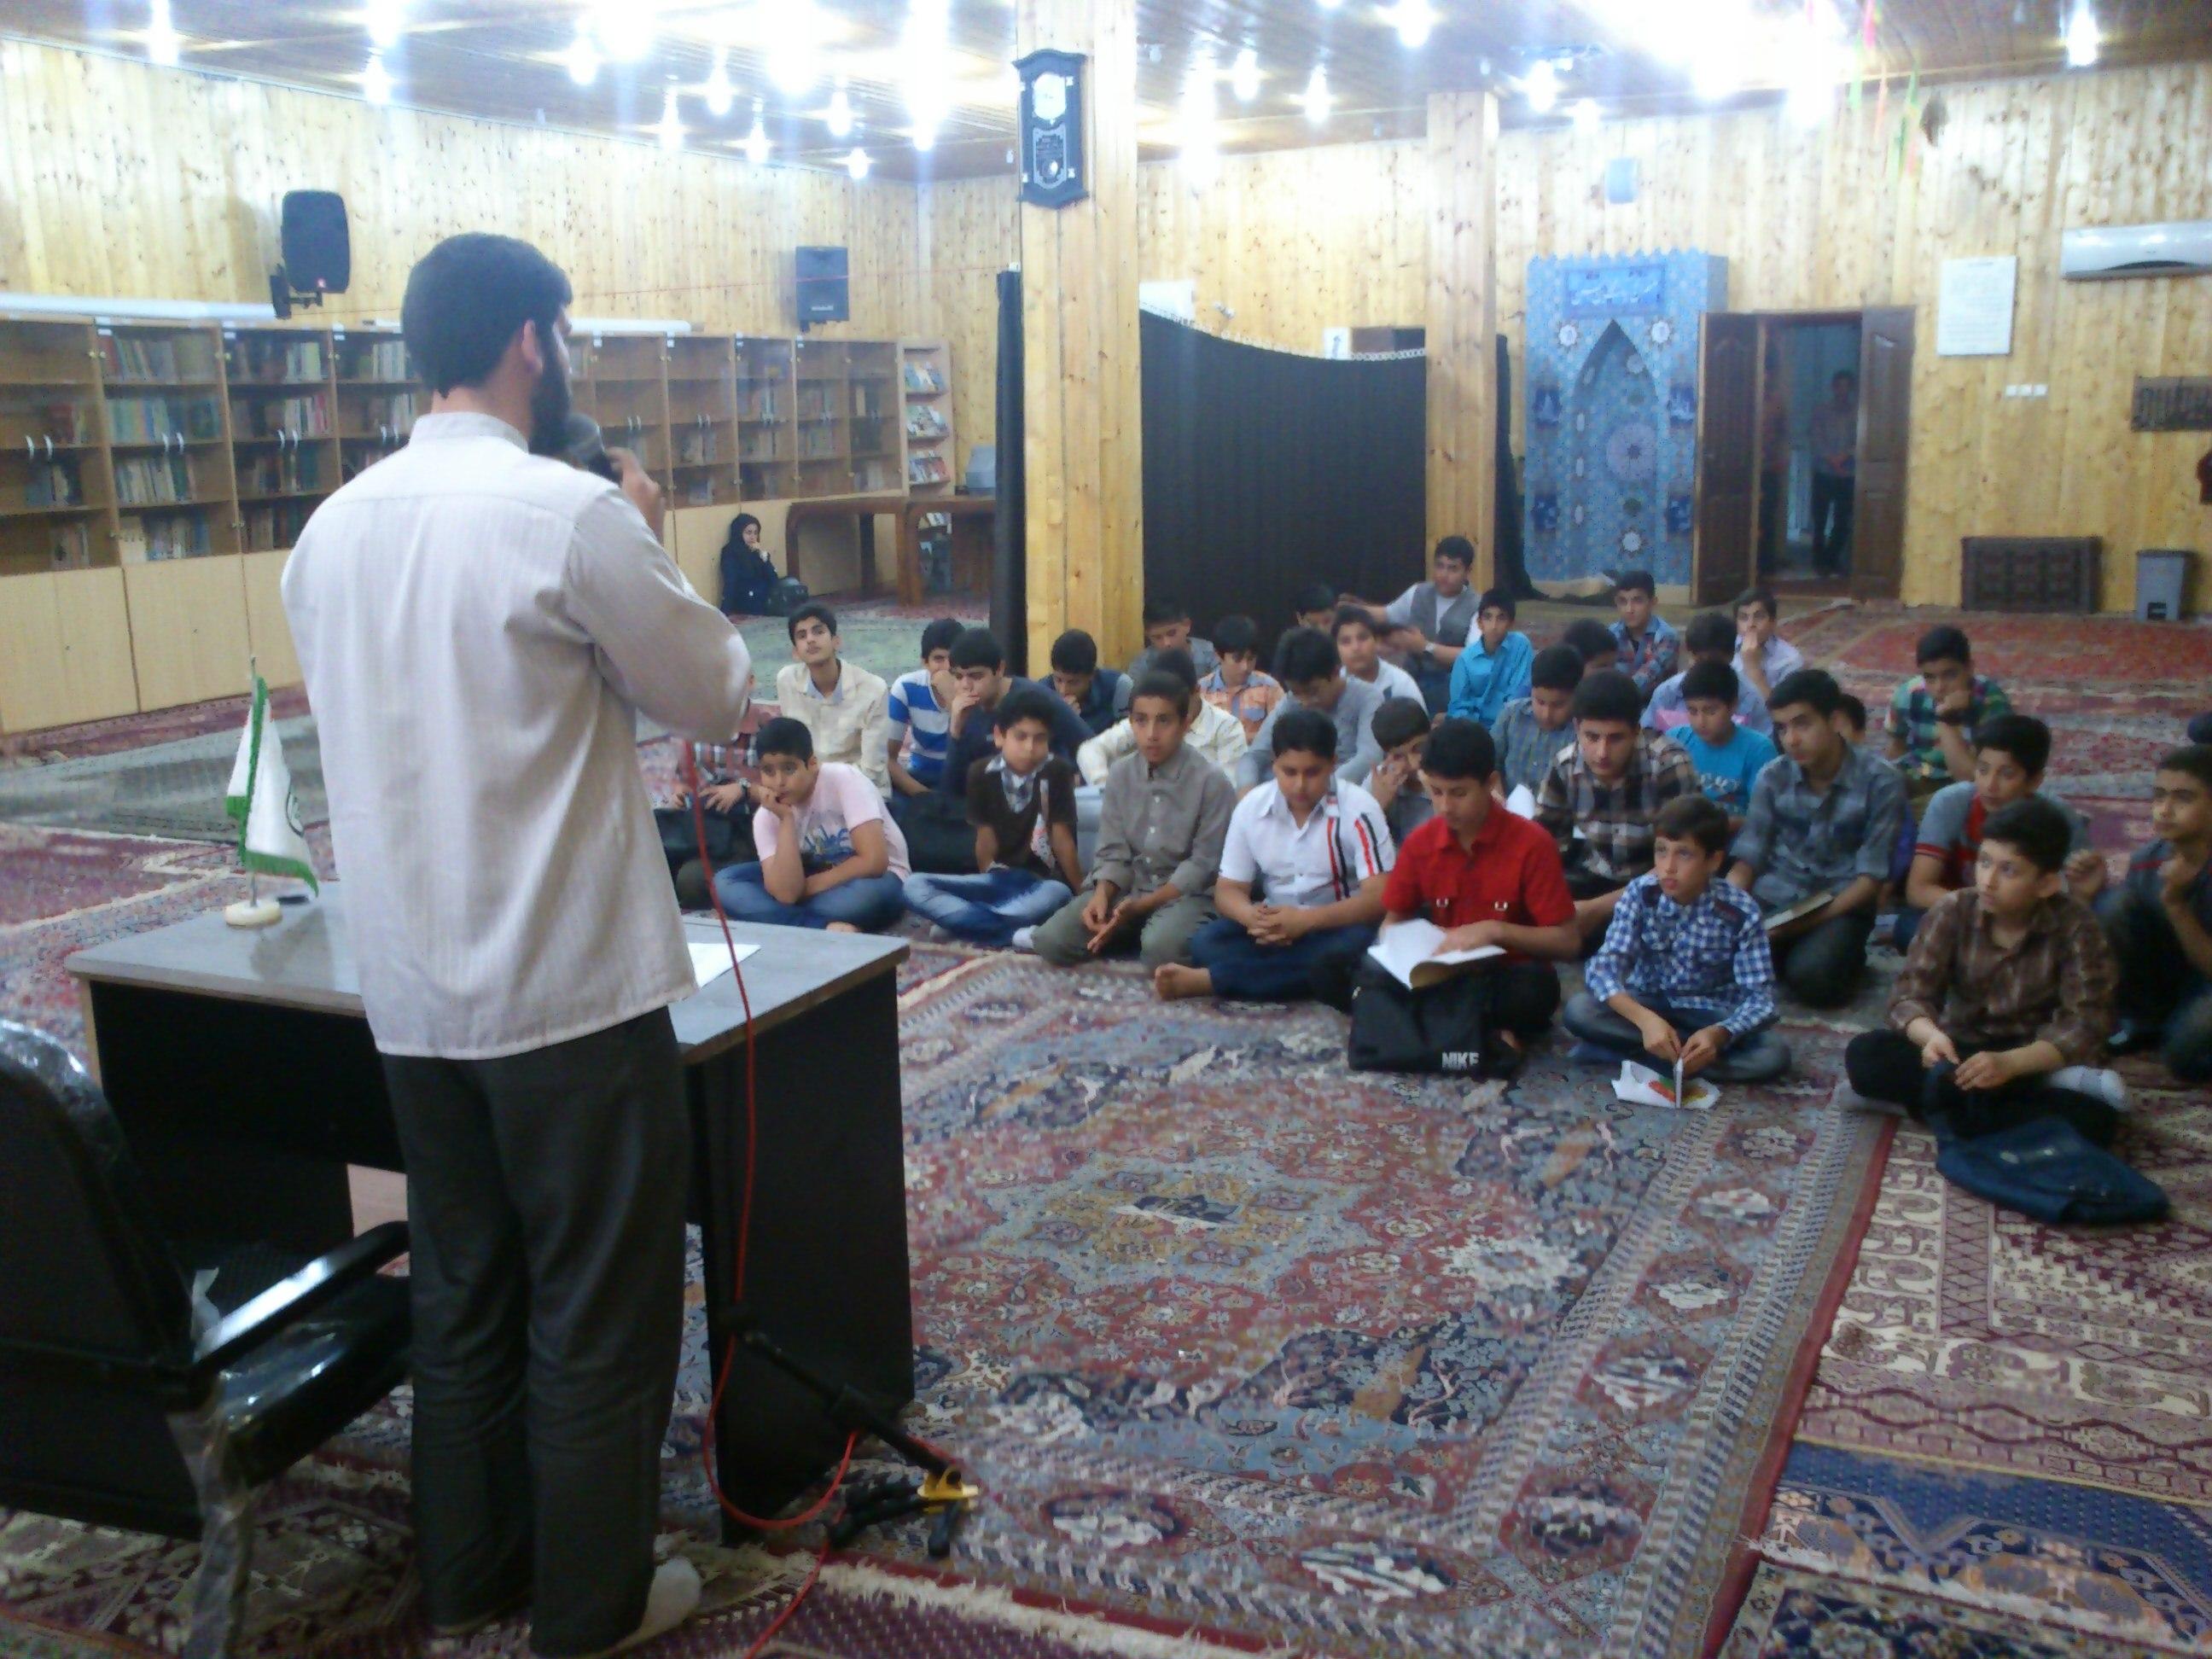 افتتاحیه کلاس های تابستانی پایگاه-صحبت های آقا مجتبی آزوش